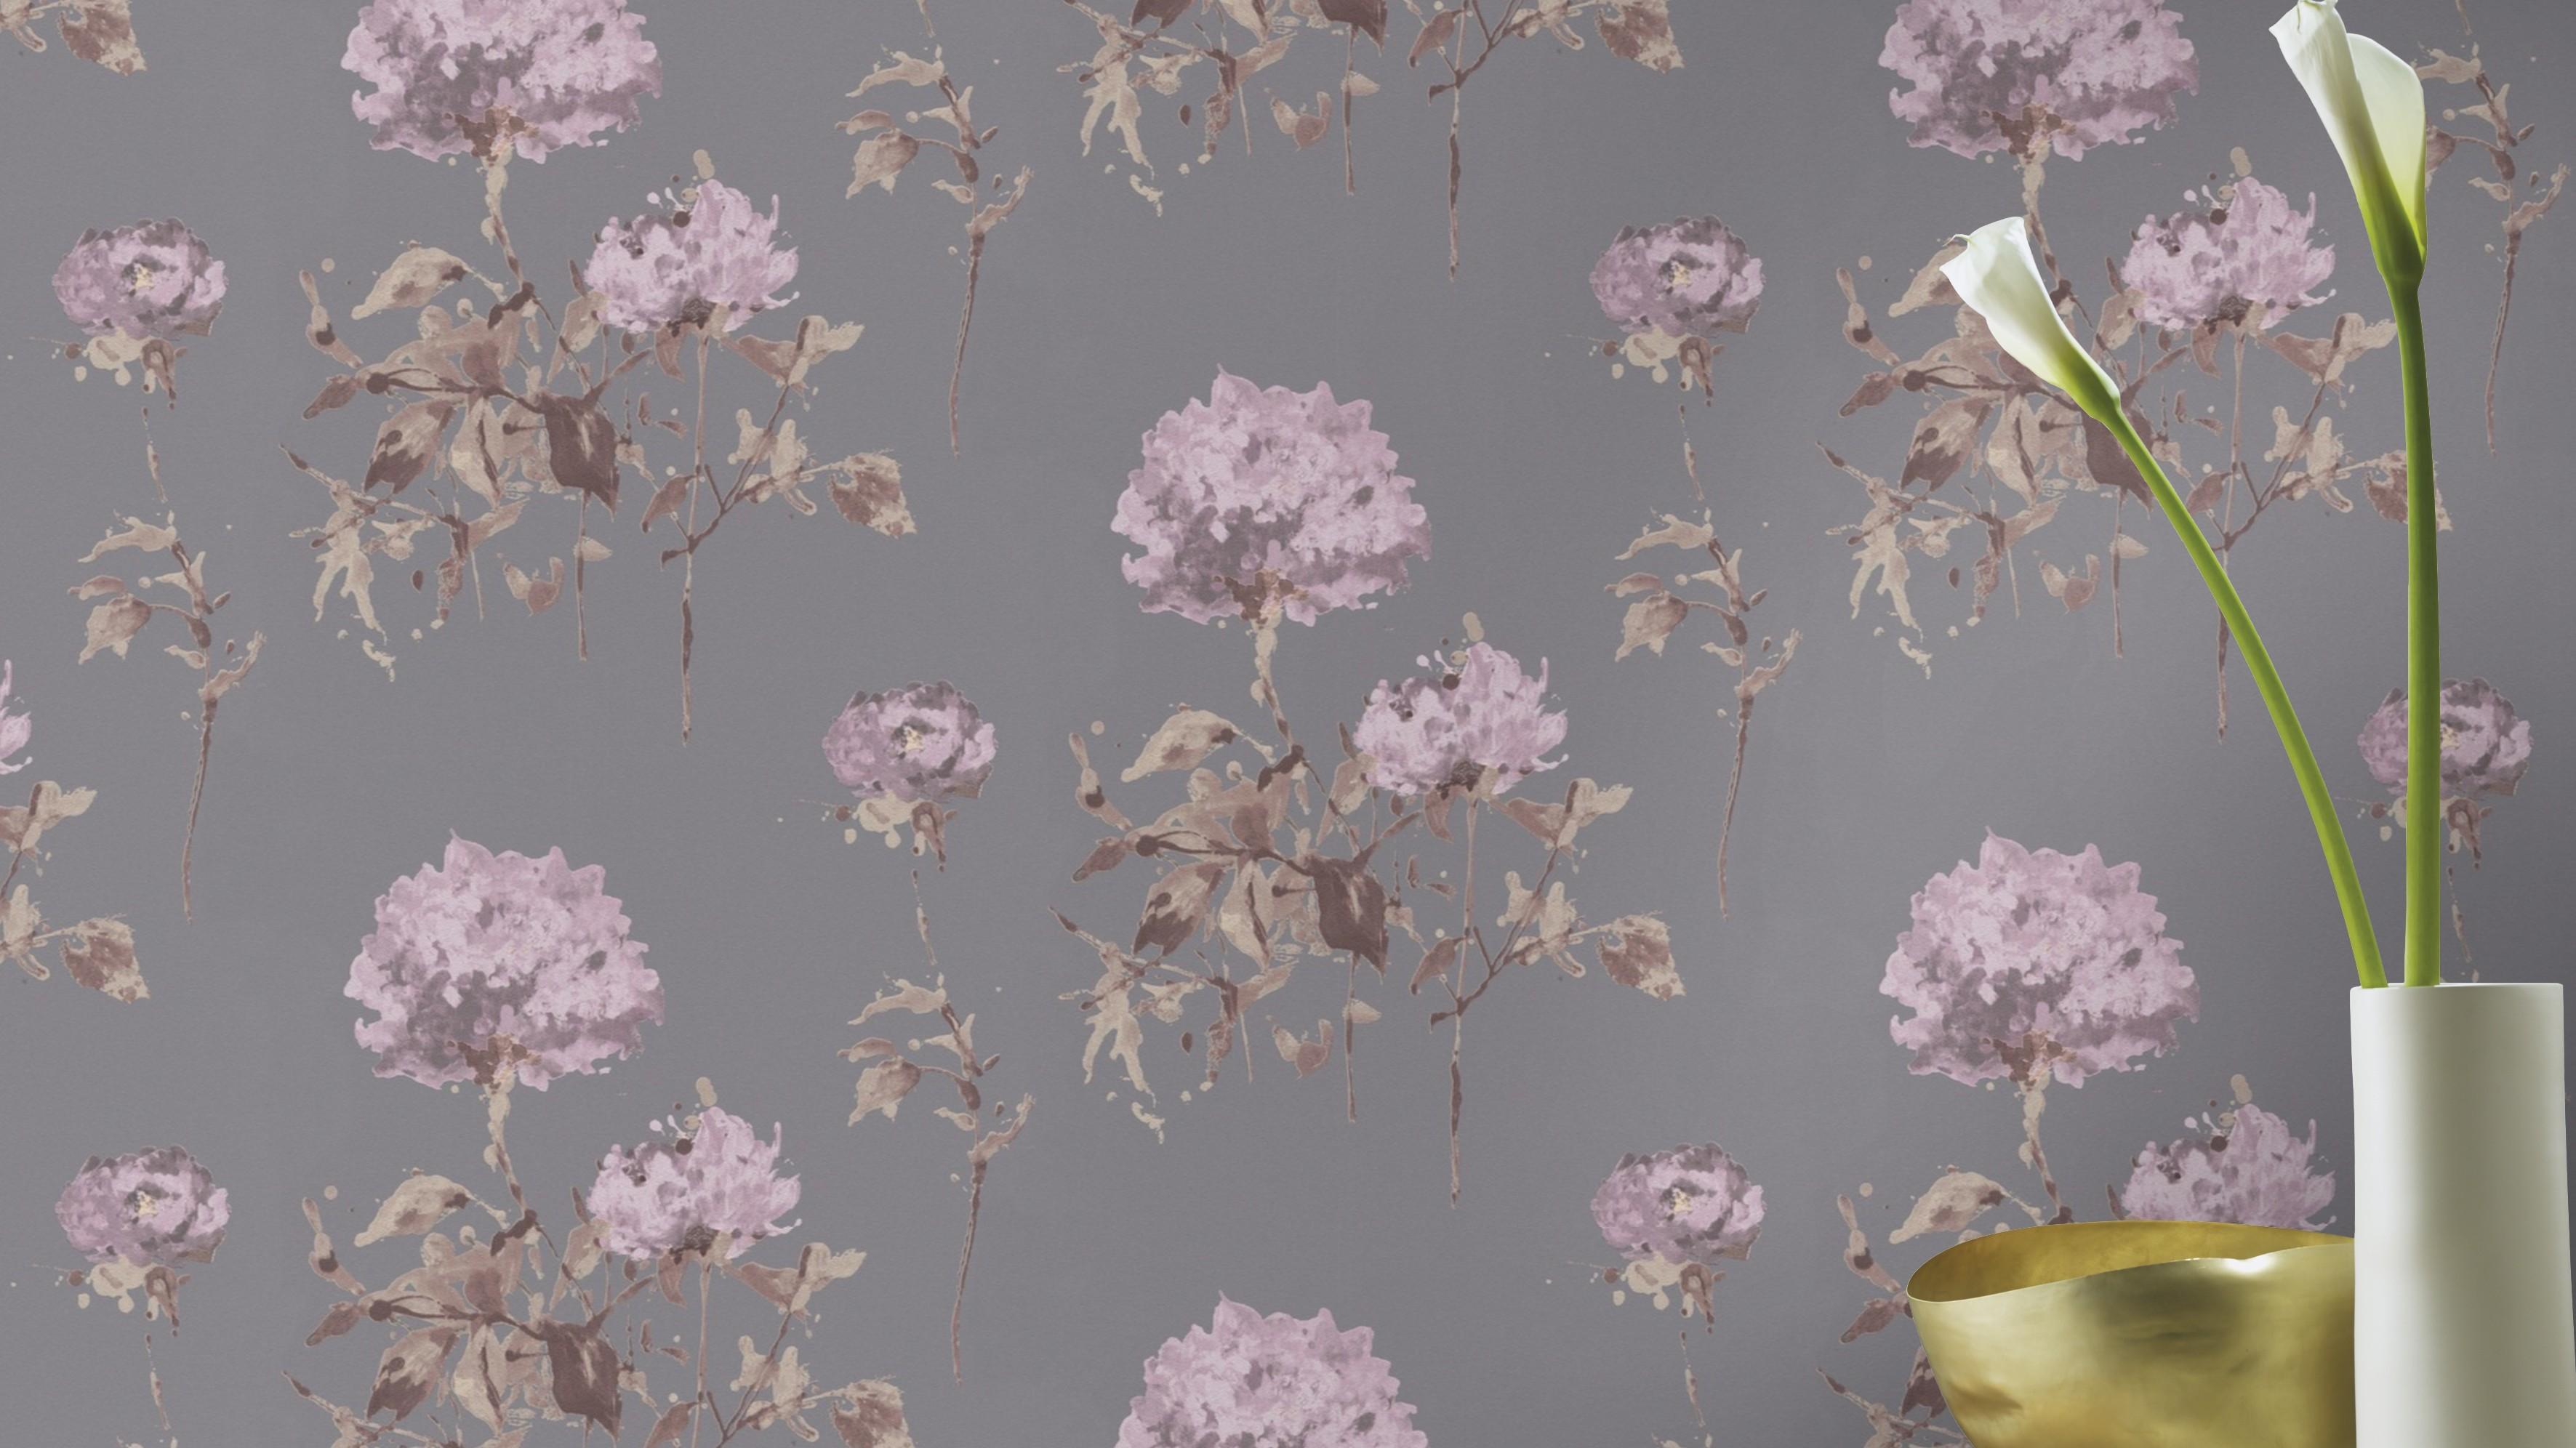 Virág mintás tapéta szürke alapon lilás árnyalatú virágokkal